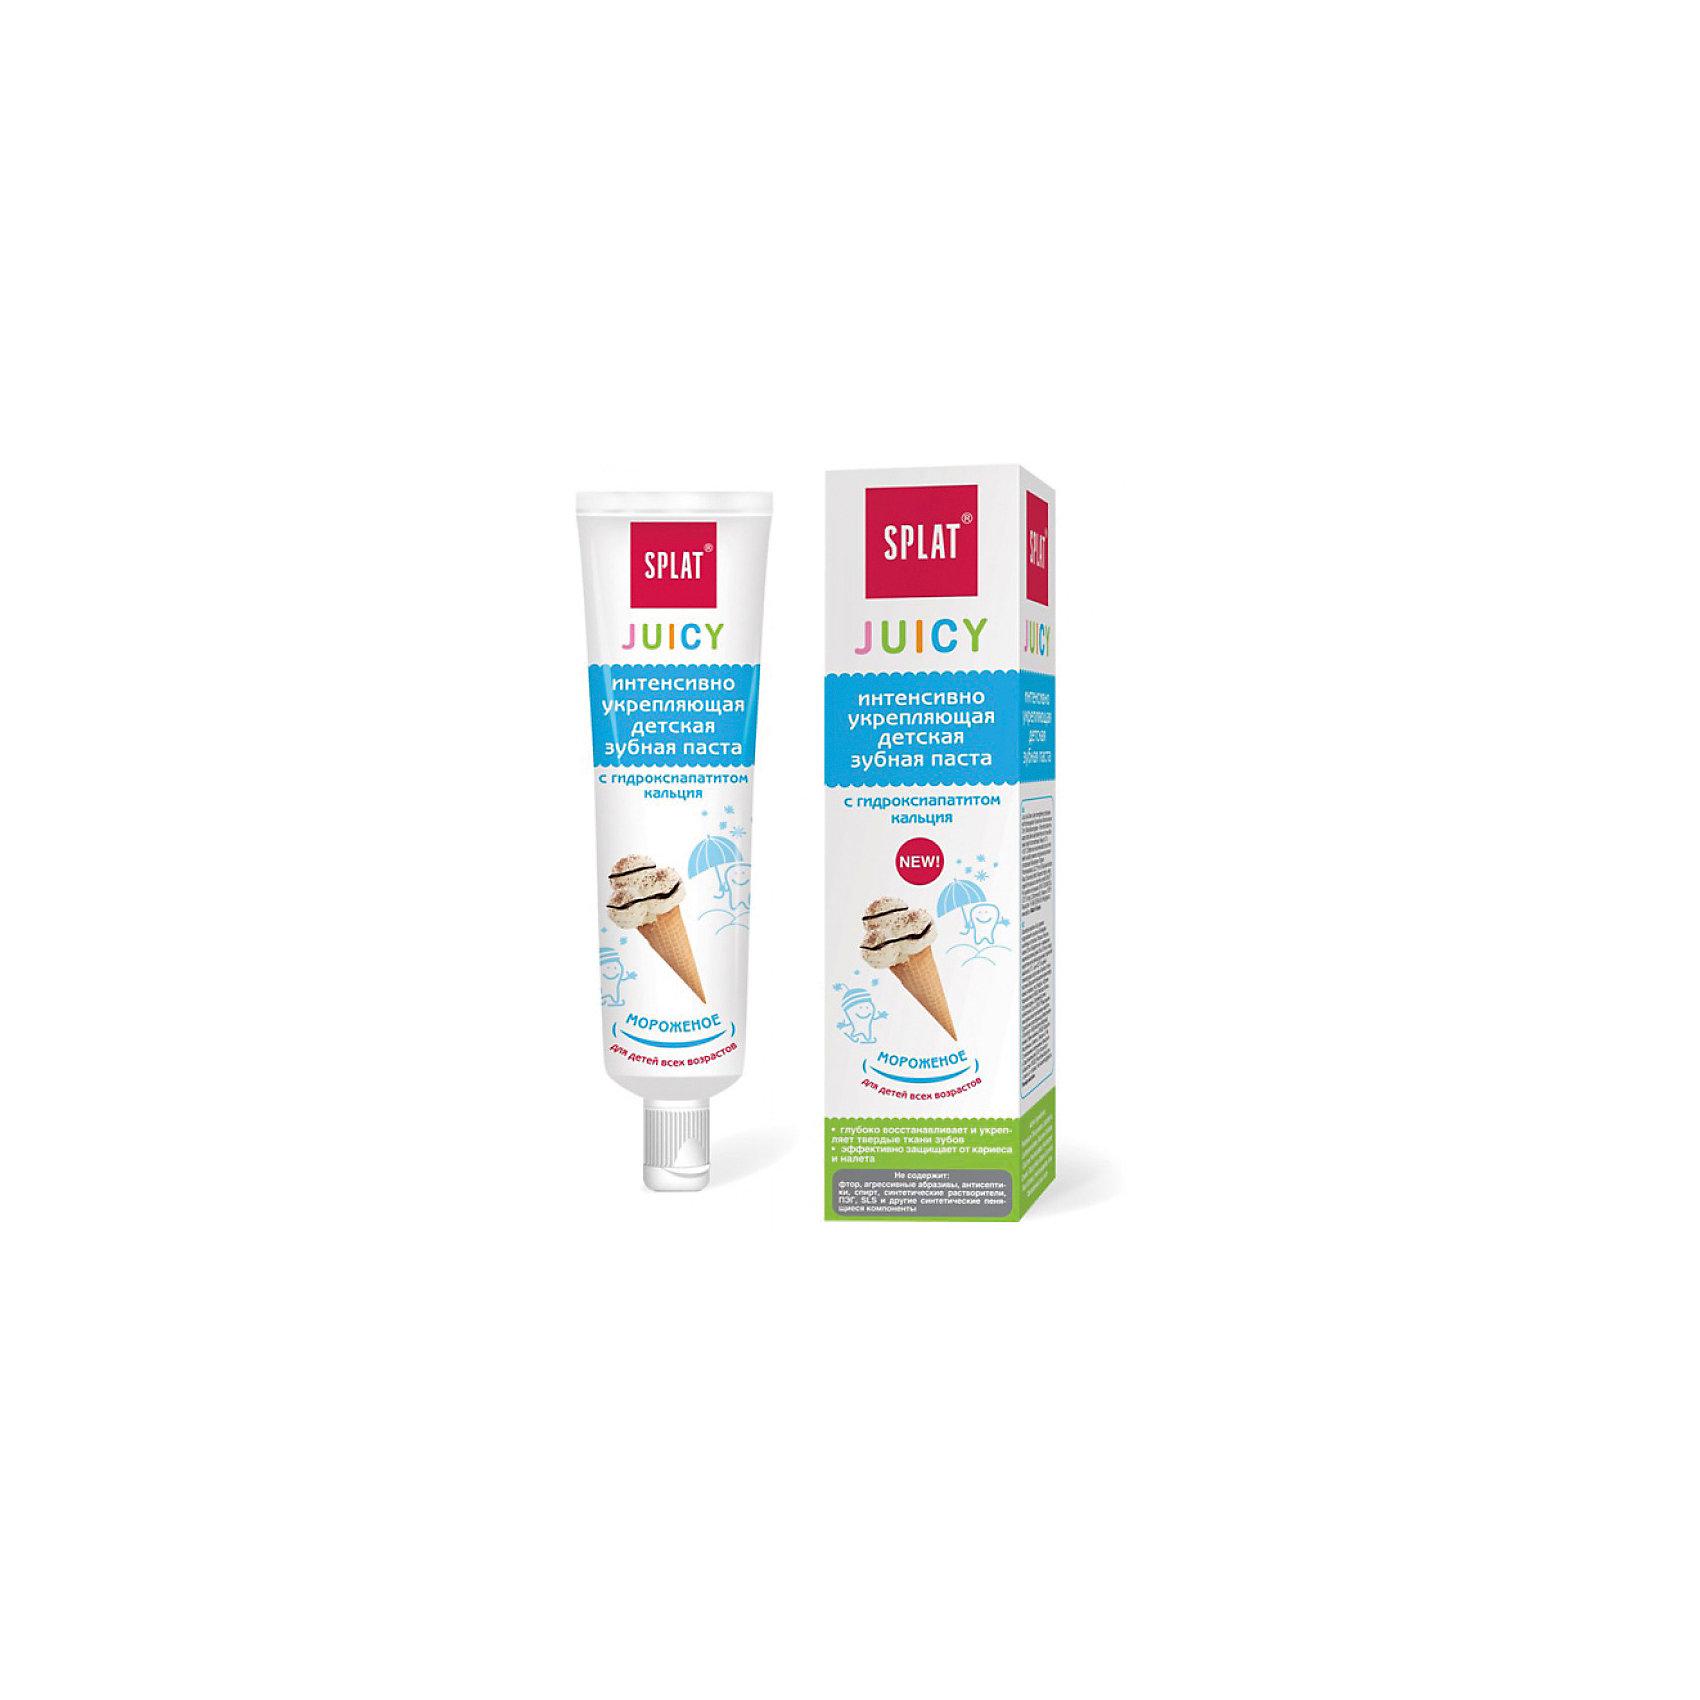 Детская укрепляющая зубная паста Juicy с гидроксиапатитом кальция, Мороженое, SplatДетская зубная паста укрепляет зубки малыша, восстанавливает твердые ткани зубов. Ежедневное применение дает эффективную защиту от кариеса и налета. Эмаль зубов становится крепче. <br><br>Дополнительная информация:<br><br>Зубная паста обладает увлажняющими и противовоспалительными свойствами.<br><br>Не содержит фтор, антисептики, спирт, синтетические растворители, ПЭГ, SLS.<br><br>Детскую укрепляющую зубную пасту Juicy с гидроксиапатитом кальция, Мороженое, Splat можно купить в нашем интернет-магазине.<br><br>Ширина мм: 300<br>Глубина мм: 100<br>Высота мм: 50<br>Вес г: 90<br>Возраст от месяцев: -2147483648<br>Возраст до месяцев: 2147483647<br>Пол: Унисекс<br>Возраст: Детский<br>SKU: 5008378